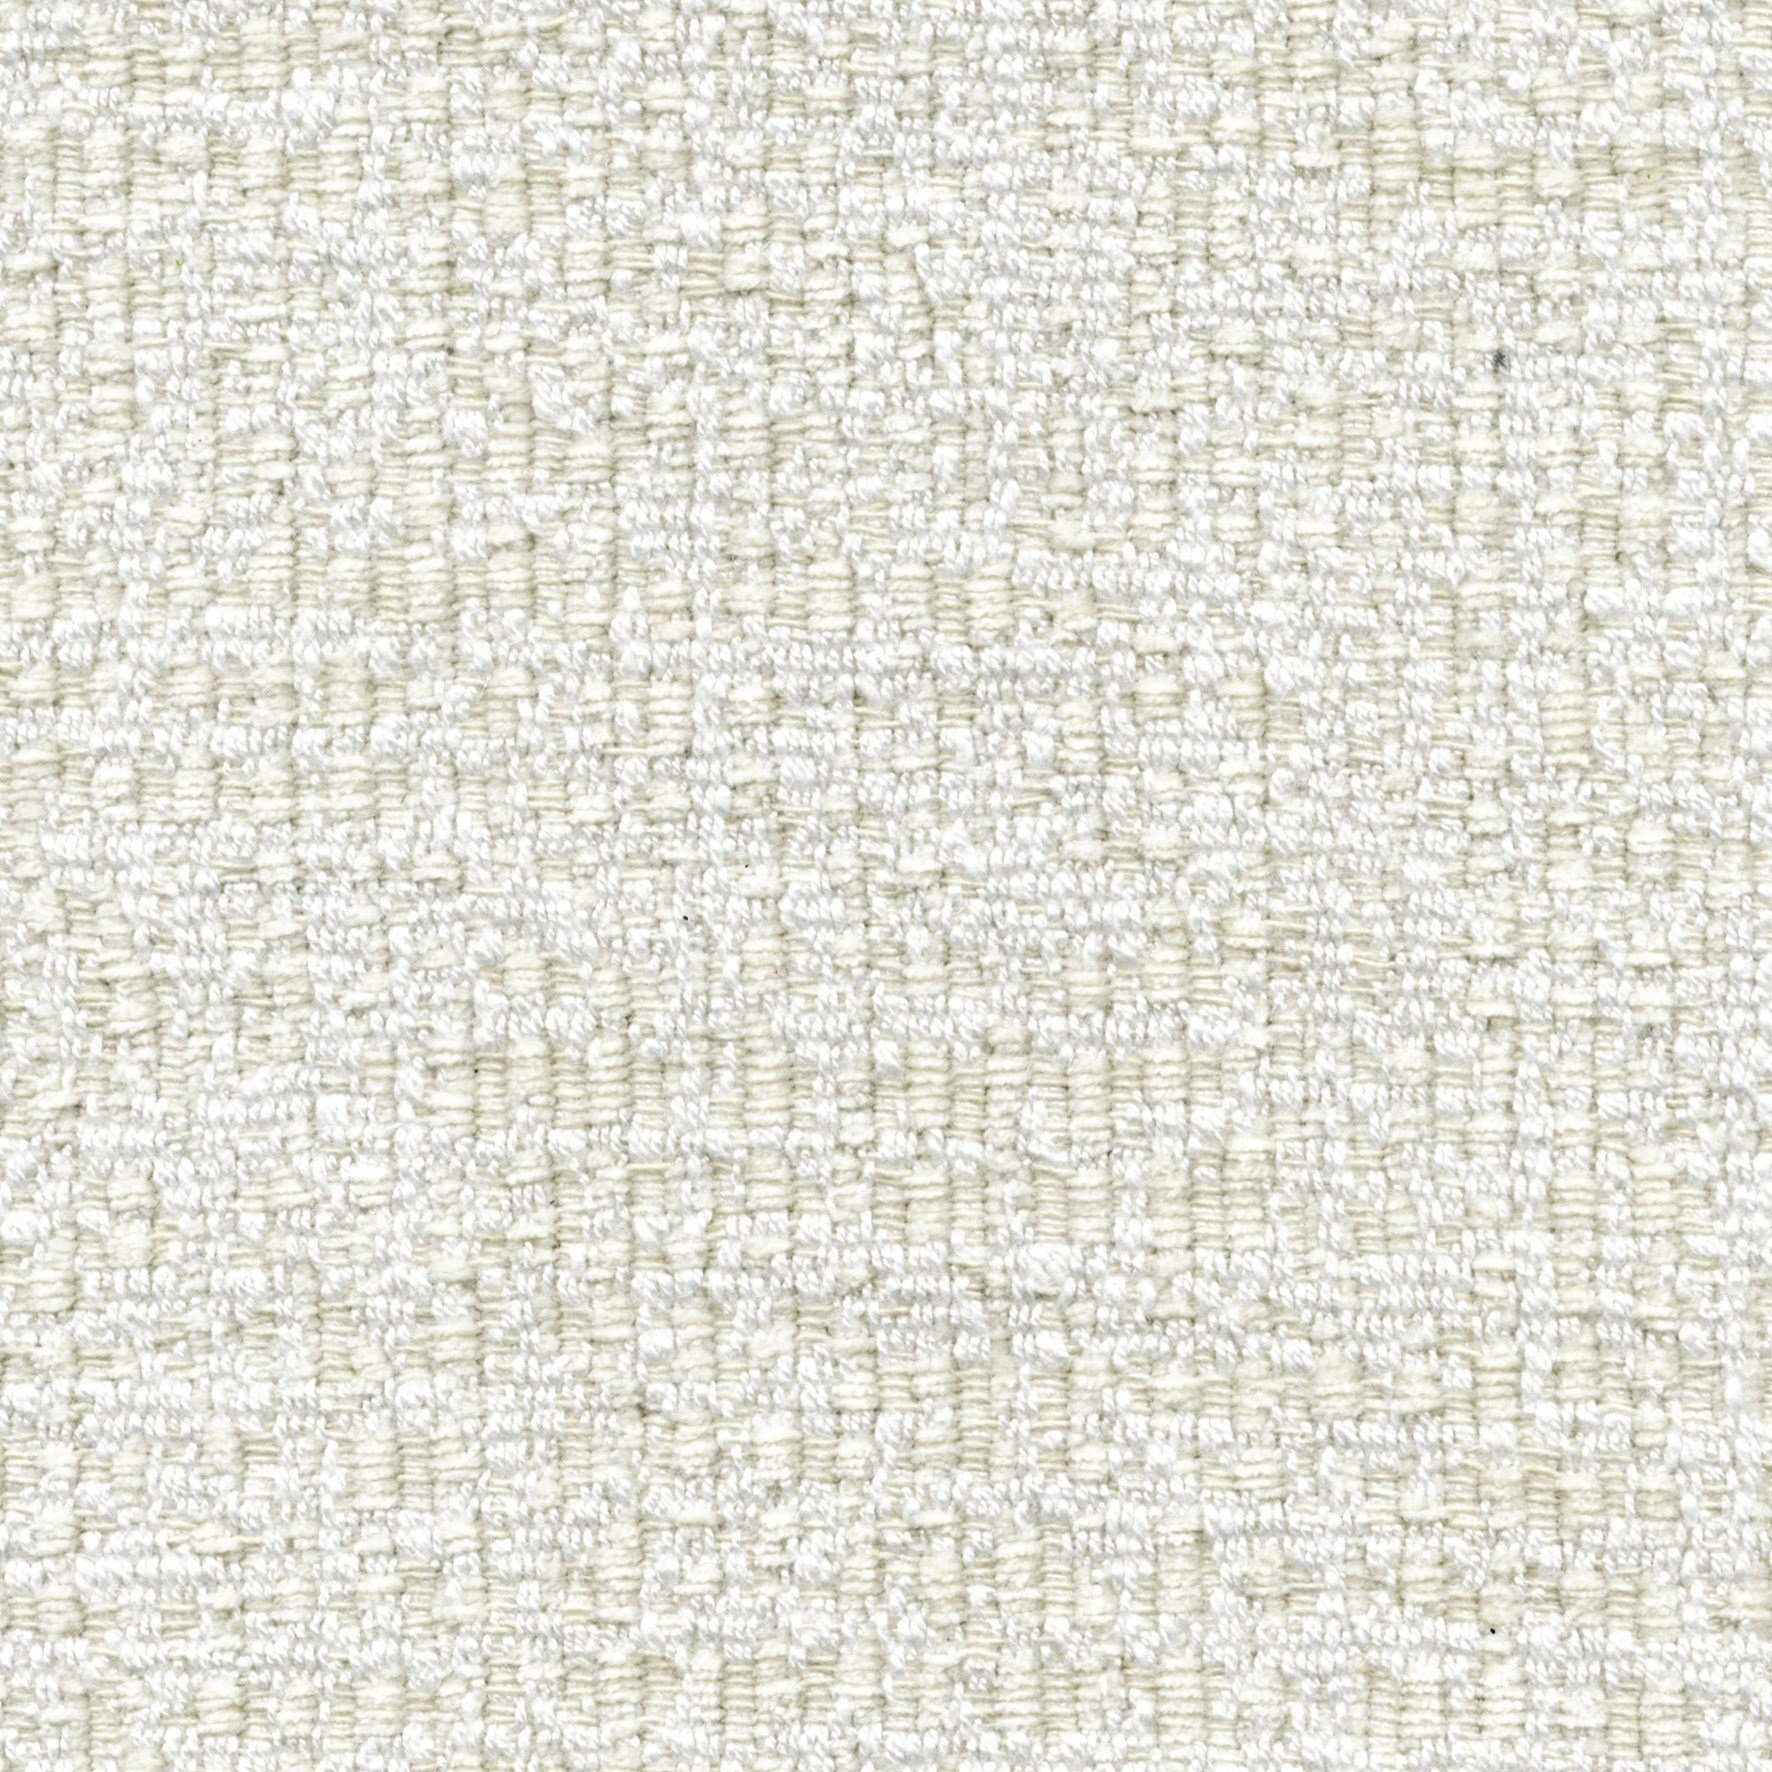 tissu d 39 ameublement en chenille de style contemporain ispahan by litis. Black Bedroom Furniture Sets. Home Design Ideas